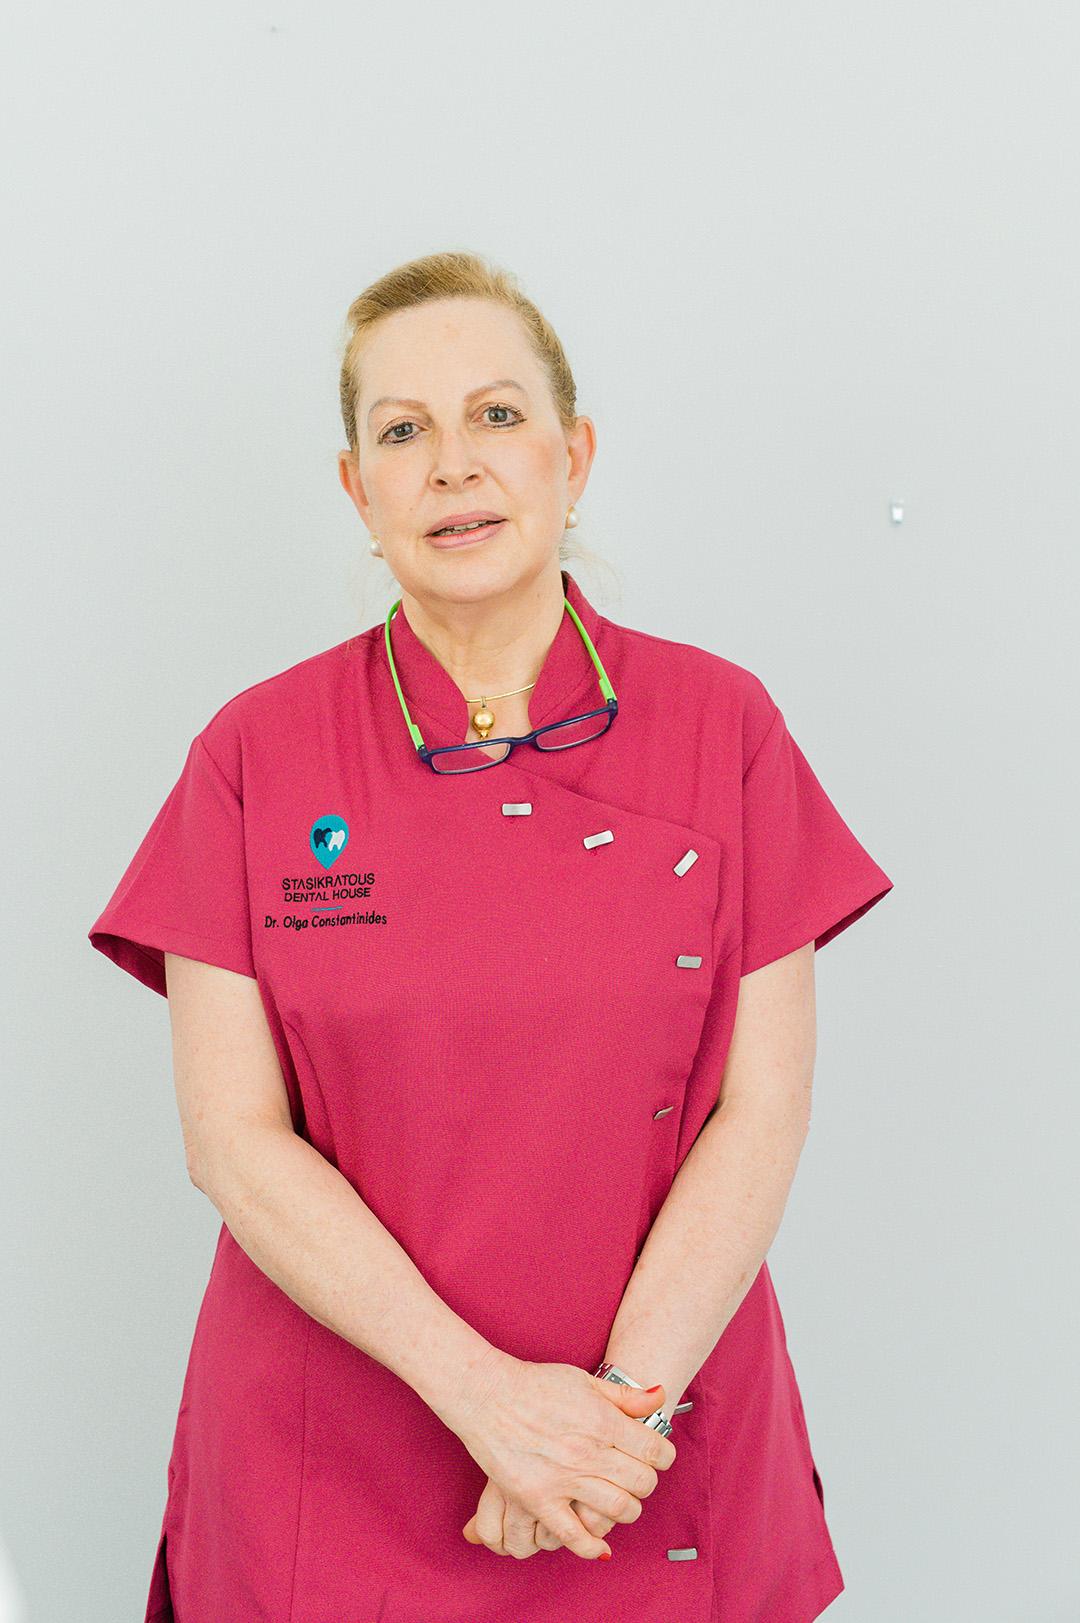 Δρ. Όλγα Κωνσταντινίδη